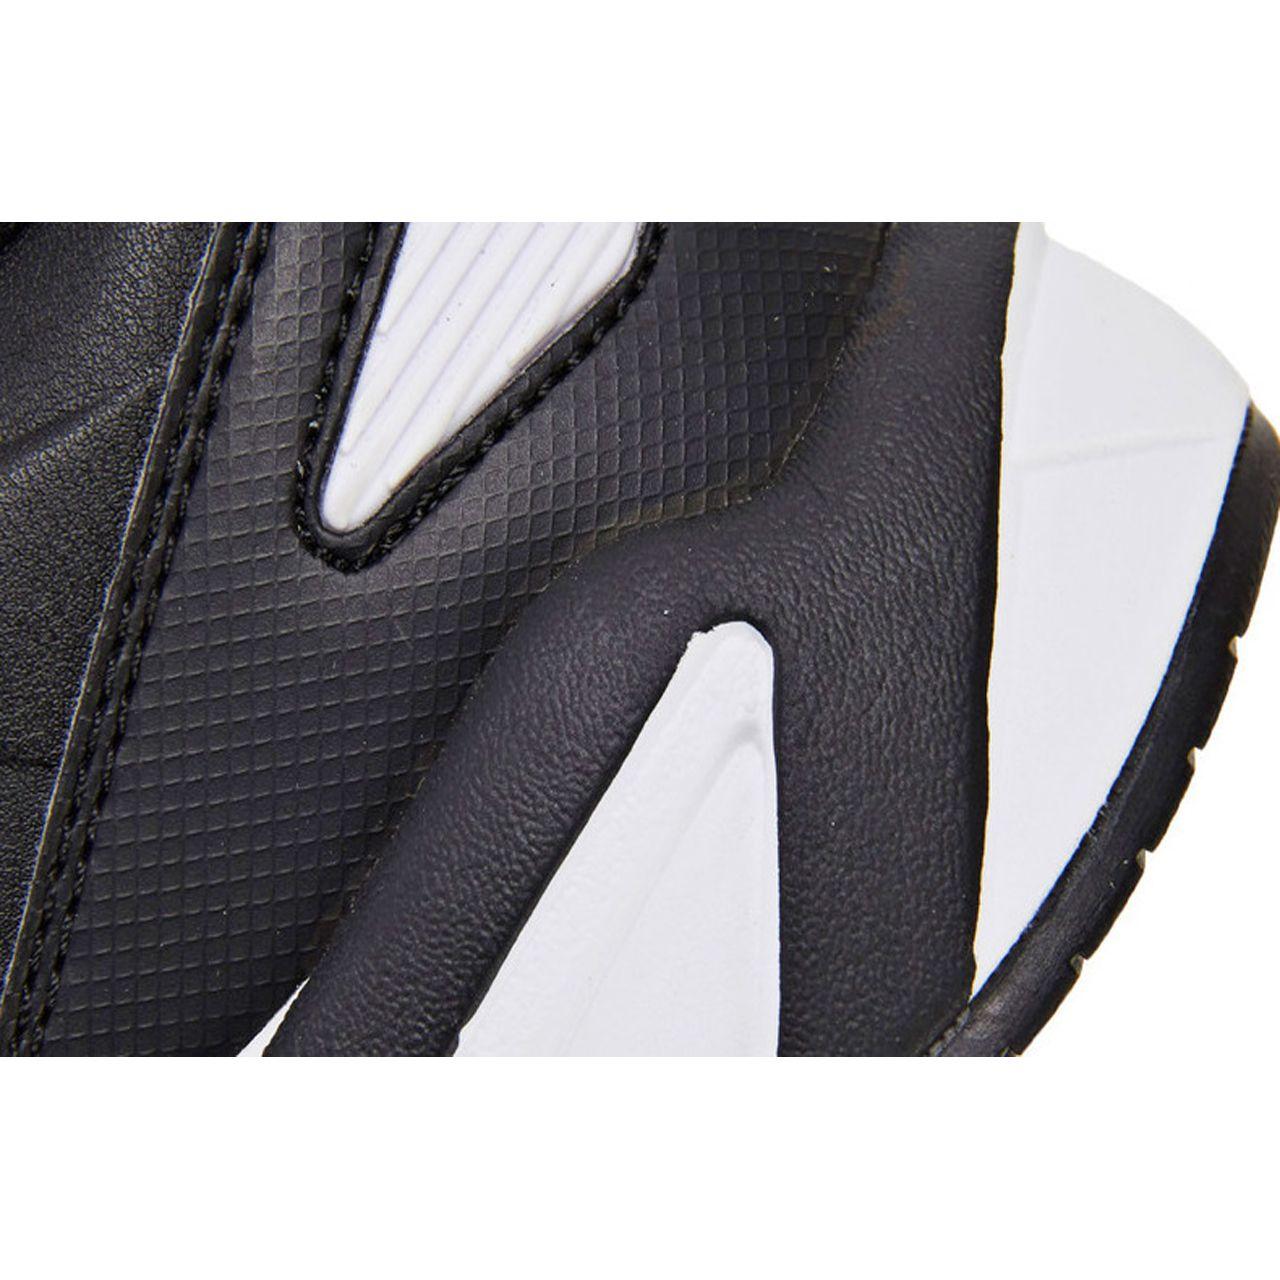 کفش مخصوص دویدن زنانه 361 درجه کد 581842257 -  - 7